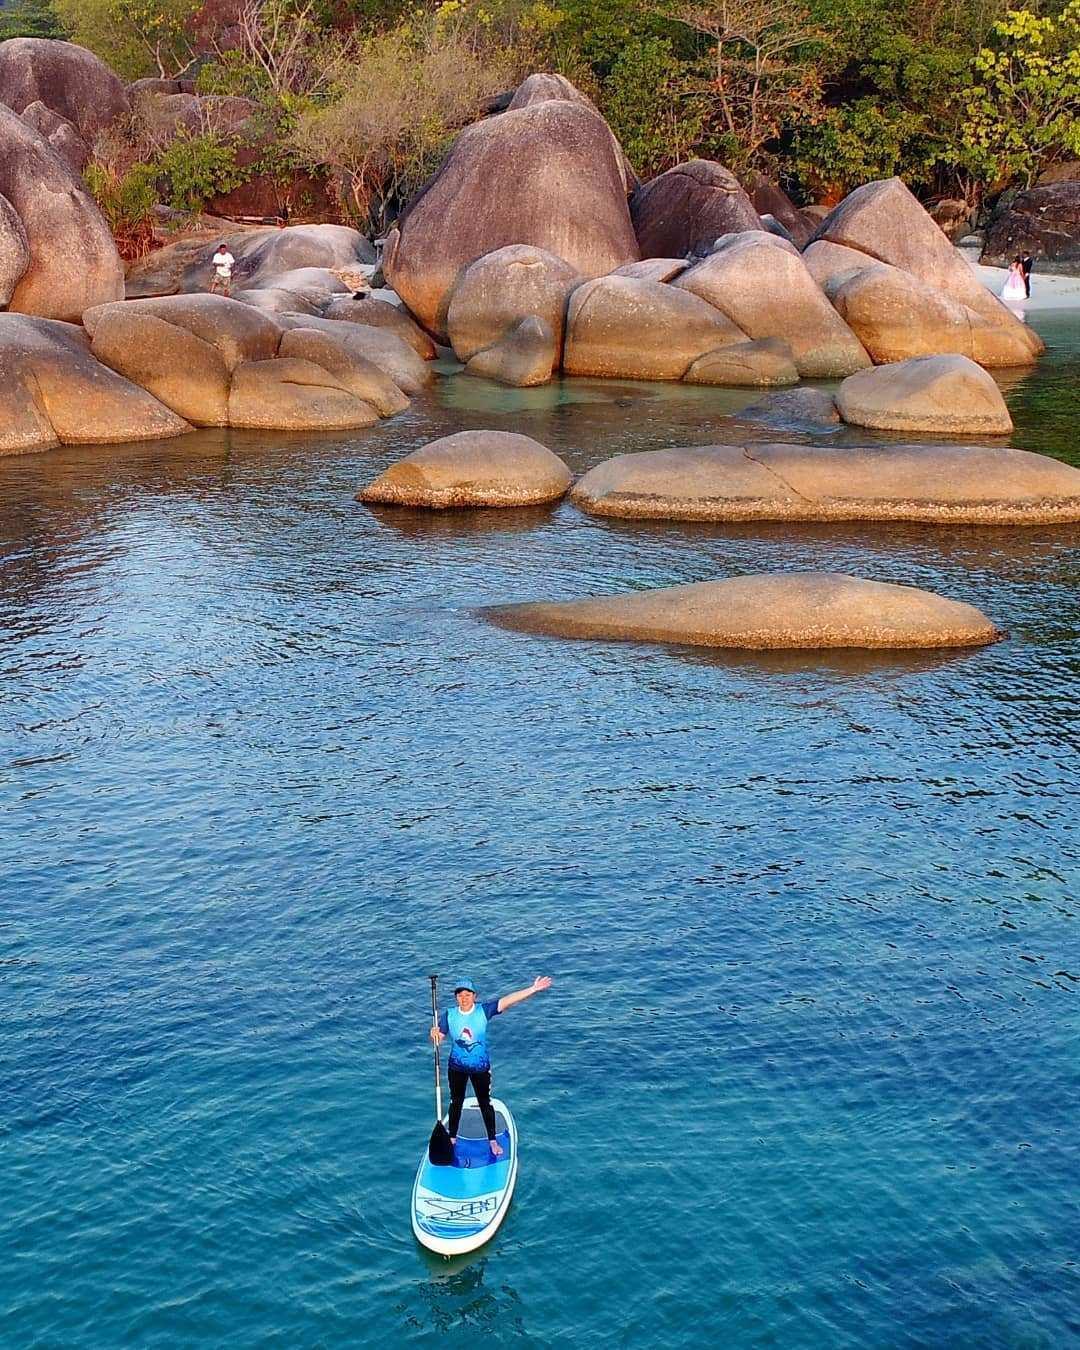 Bermain Kano di Pantai Tanjung Tinggi Belitung Image From @ambotour